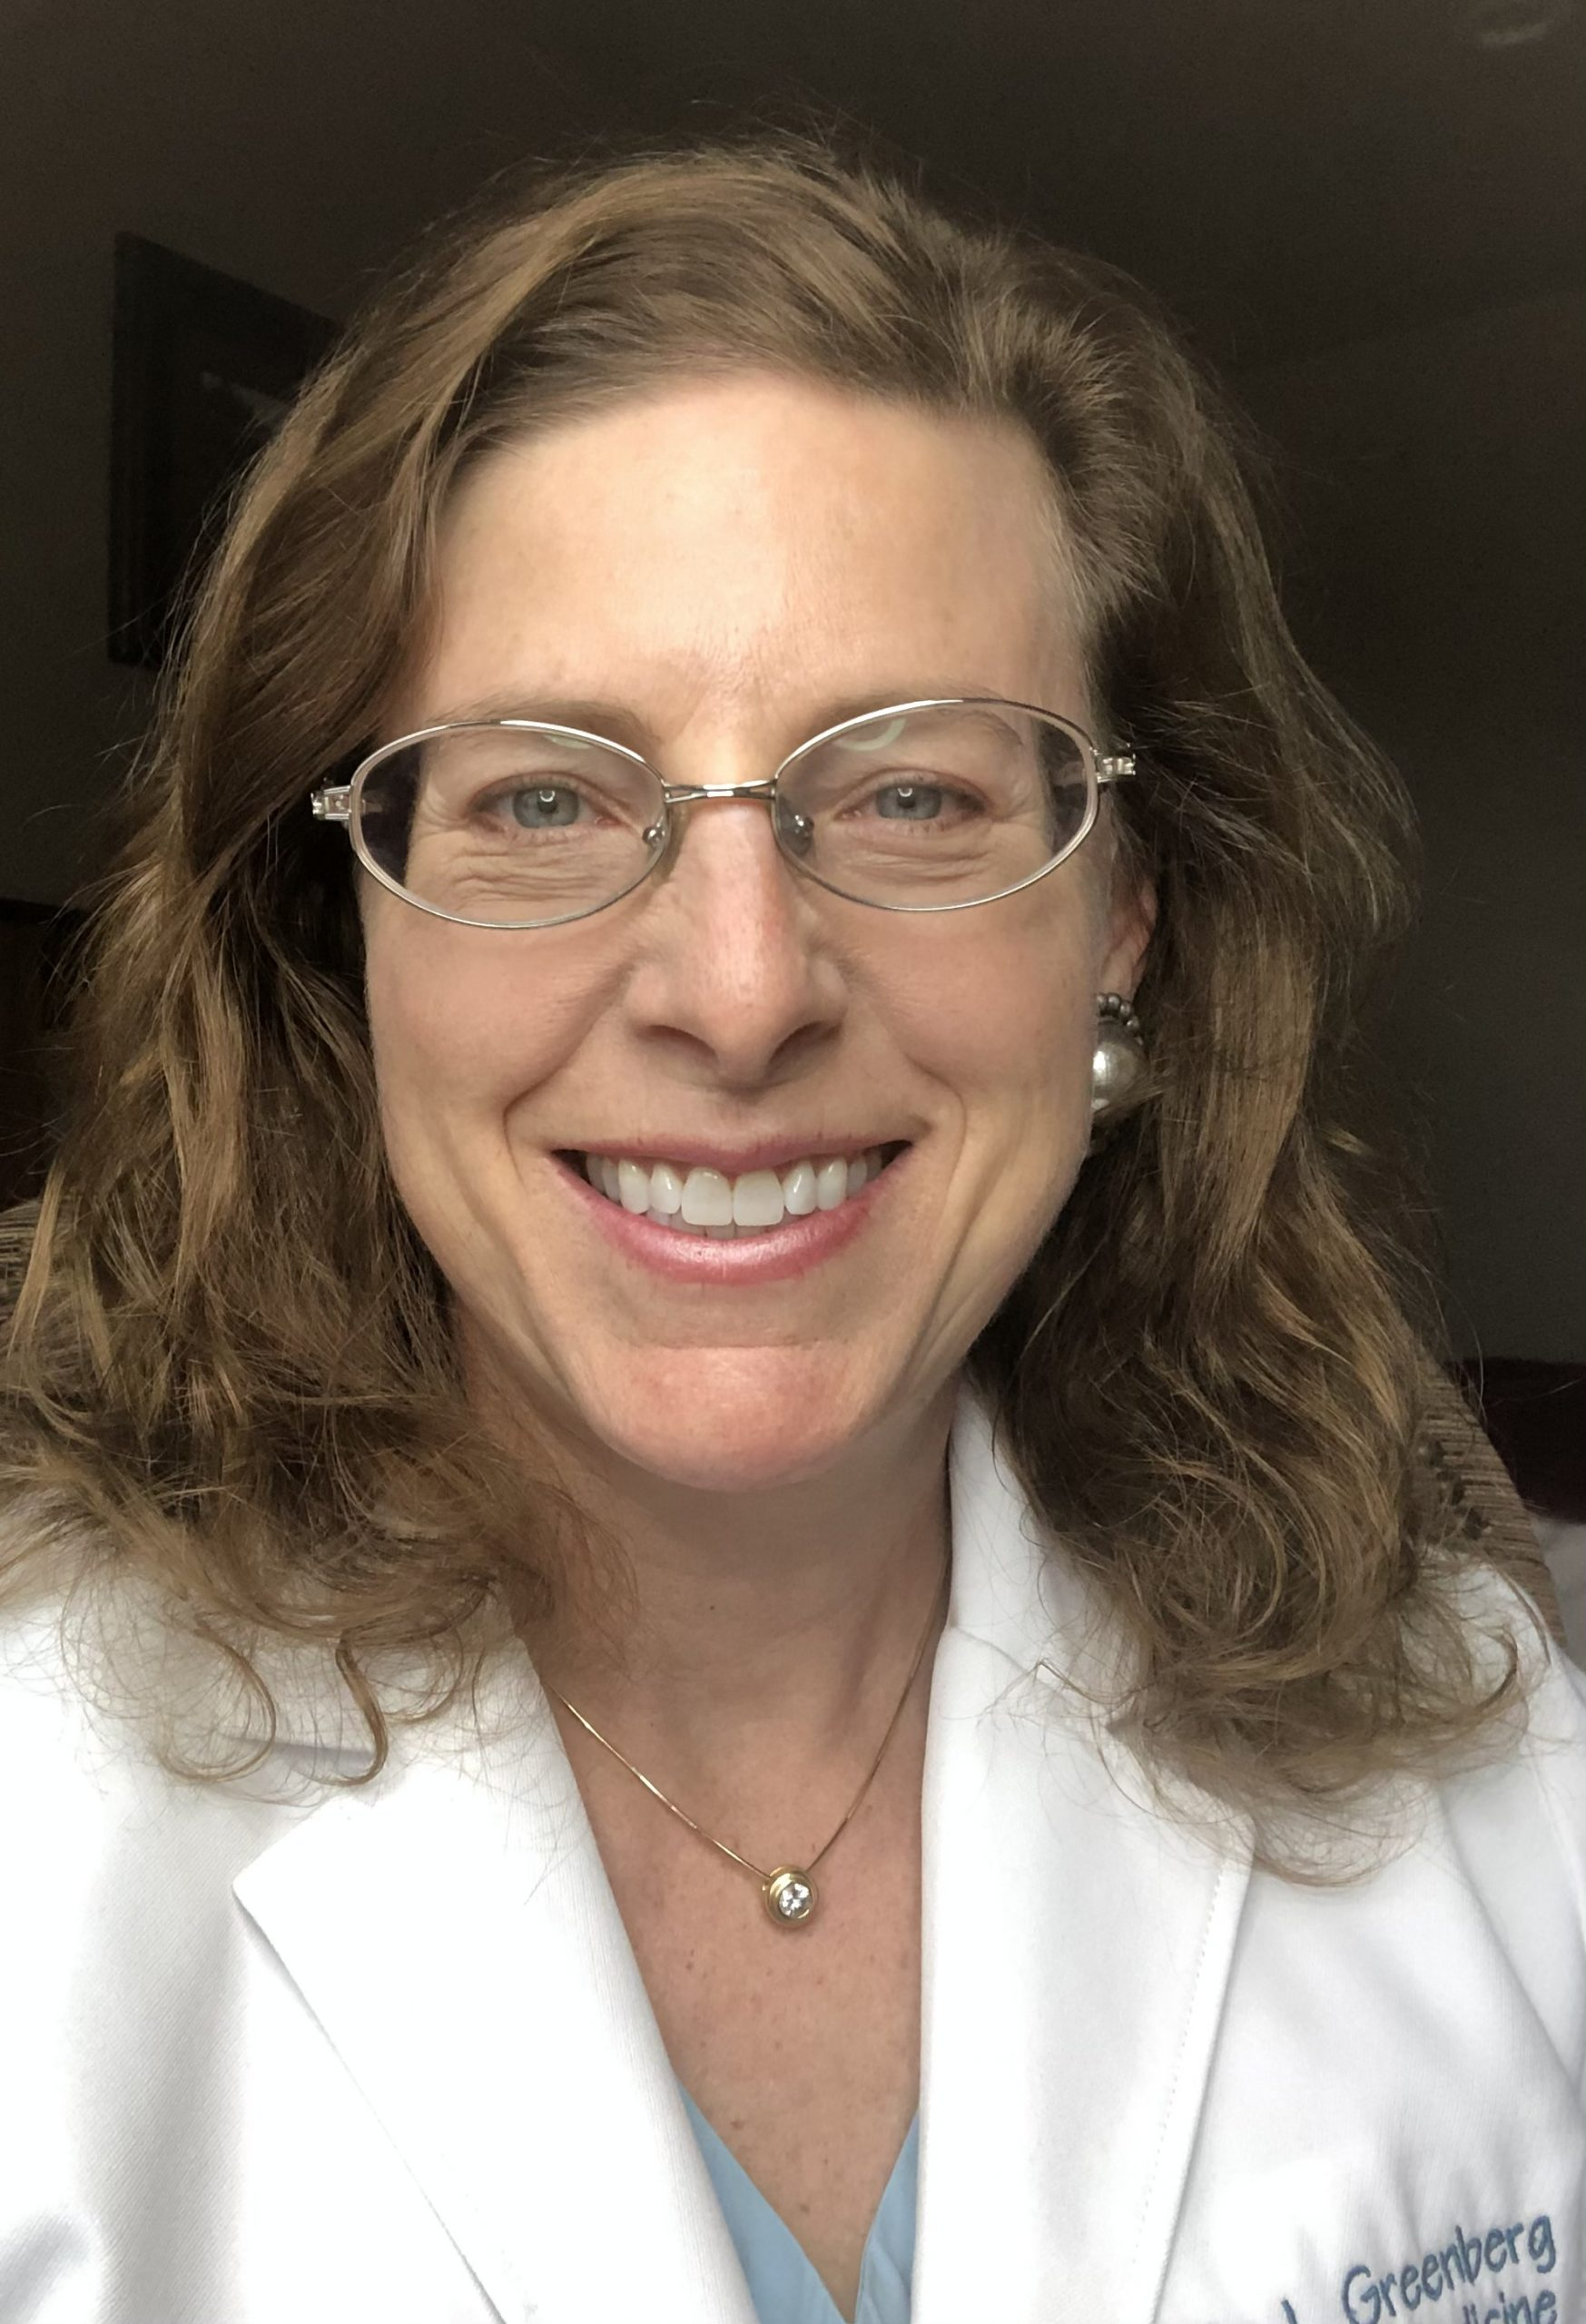 LESLIE GREENBERG, MD